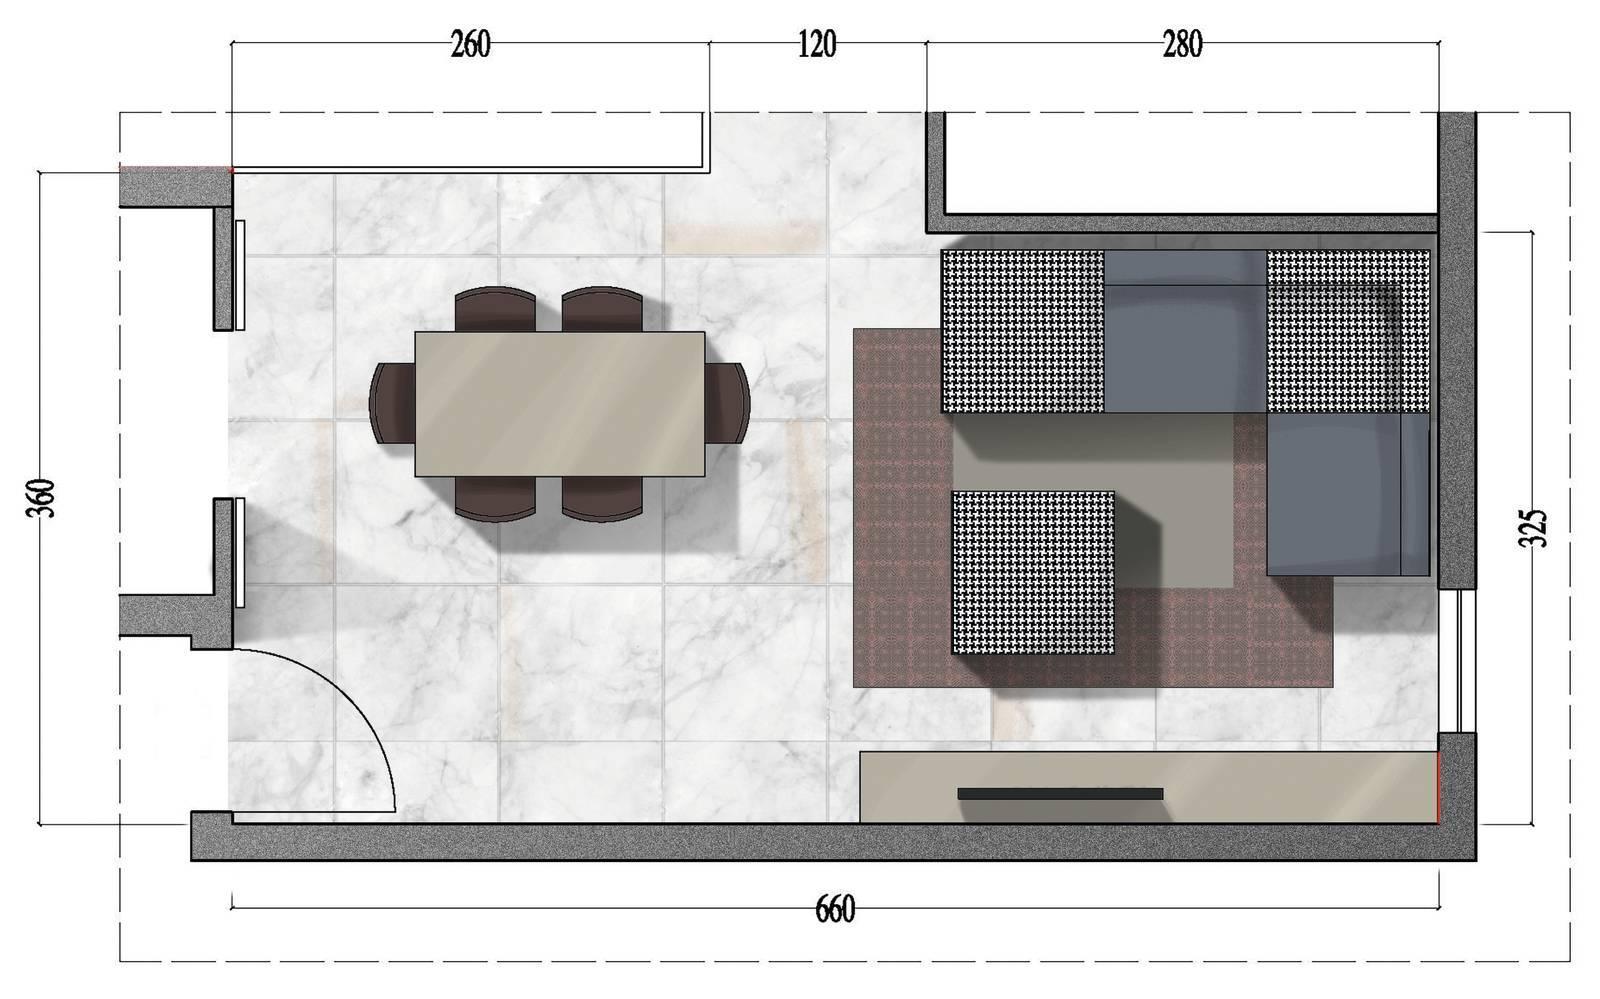 Progetto Soggiorno 20 Mq soggiorno quadrato, rettangolare o a l: come arredarli